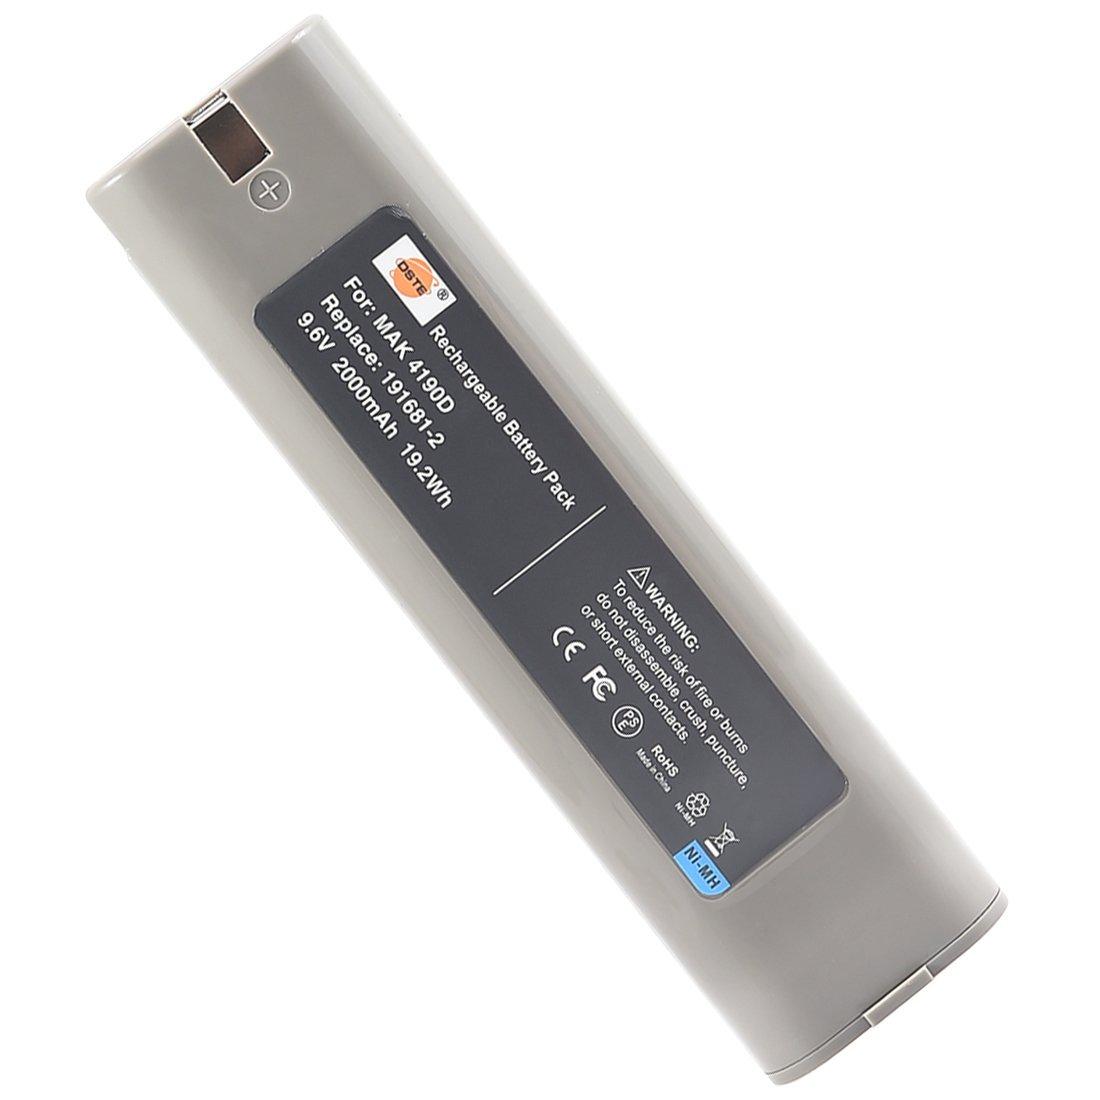 DSTE Ni-MH Power Tool Battery for Makita 191681-2 632007-4 9000 9001 9002 9033 9600